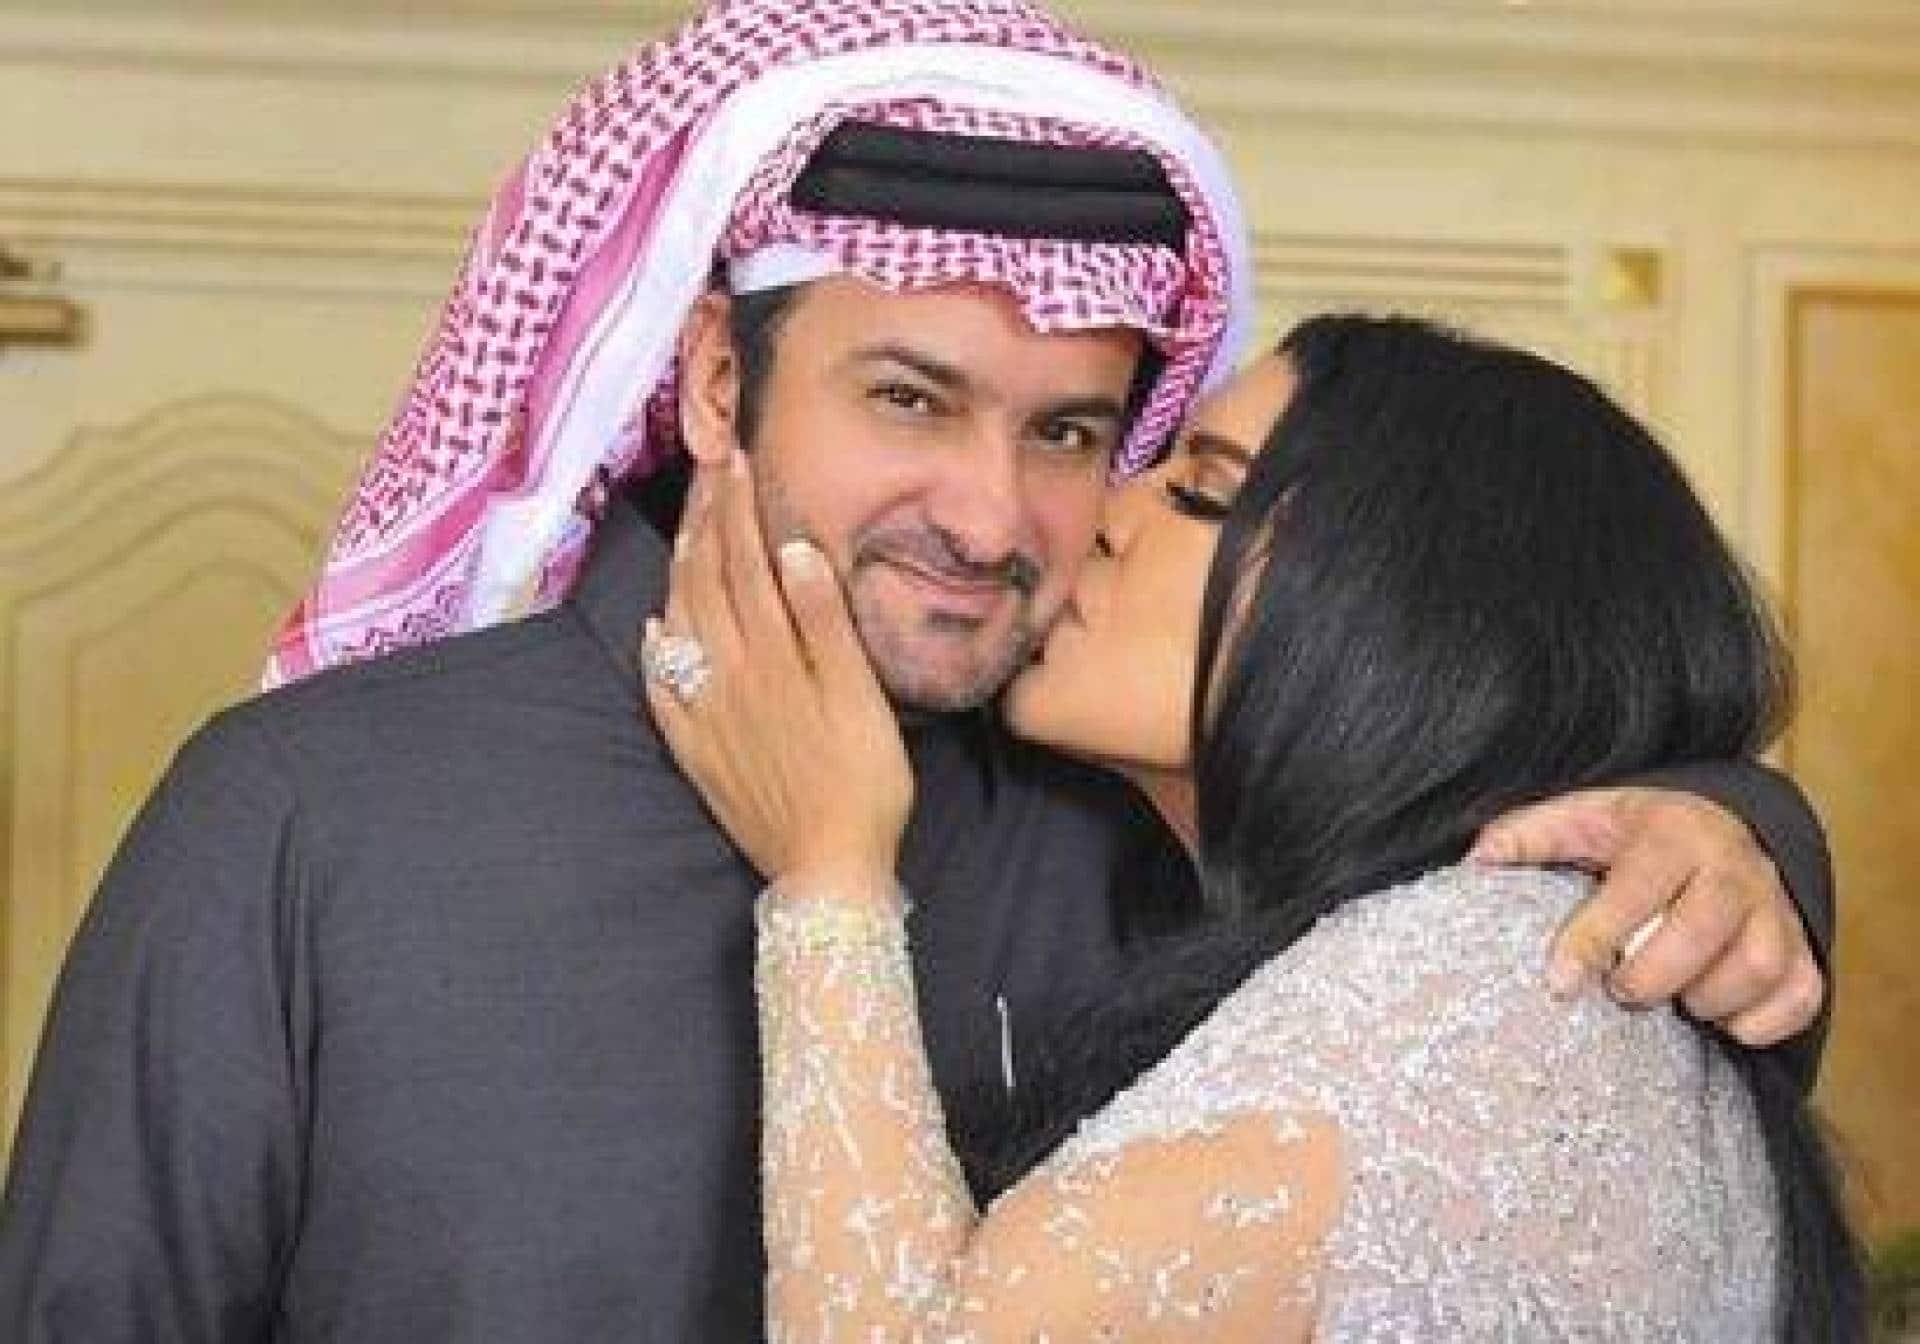 """""""آه يا أبو محمد"""" .. أحلام تمطر زوجها مبارك الهاجري بالقبلات والأحضان بعد غيابه عنها!"""